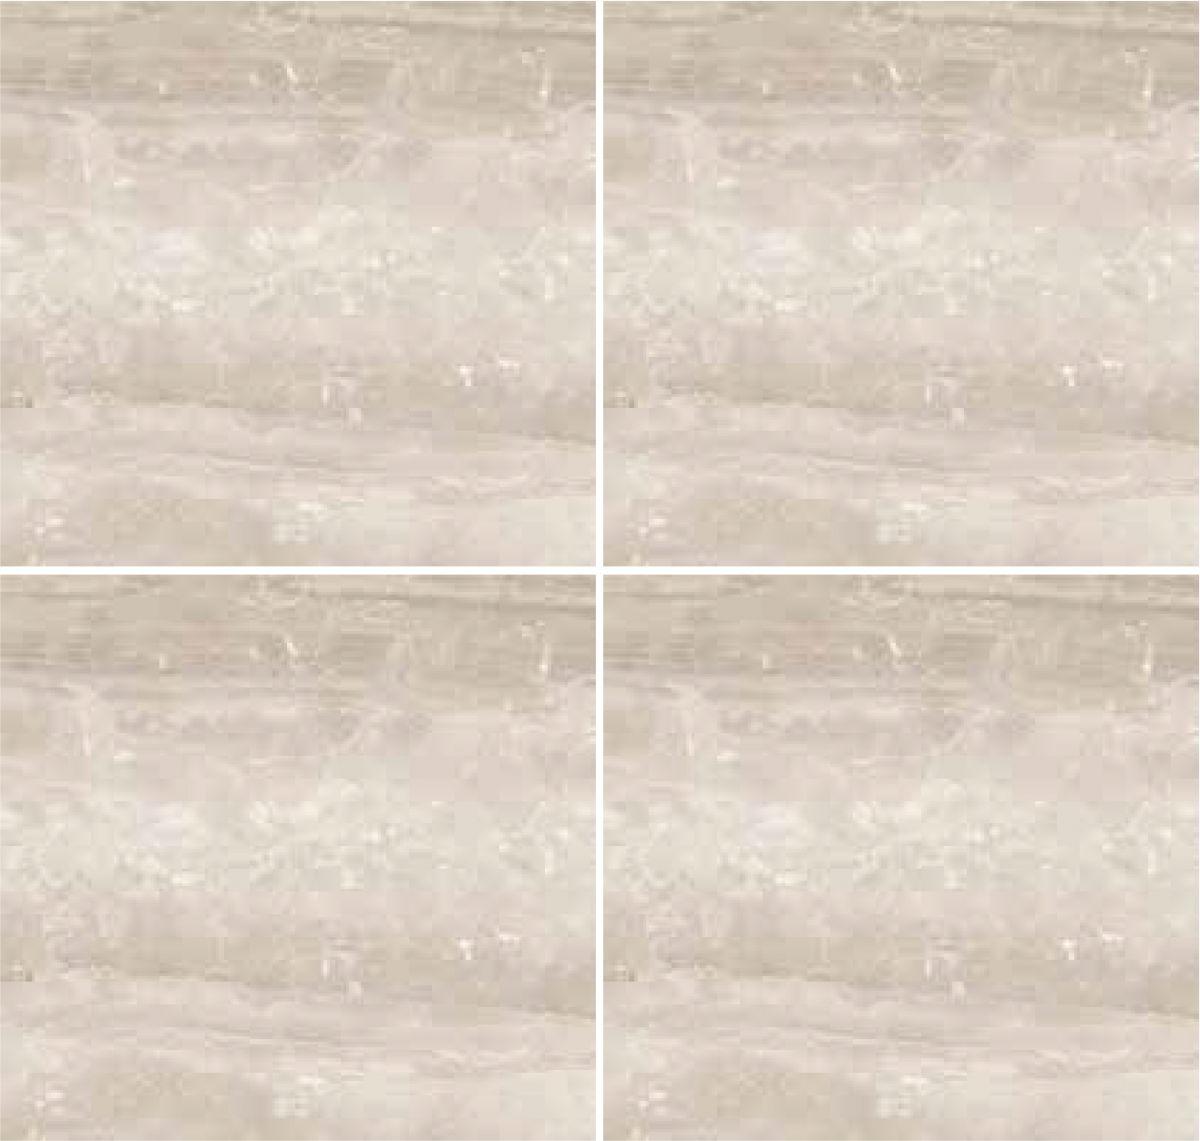 60x60 cm aydin marfil topkwaliteit spaans tegels